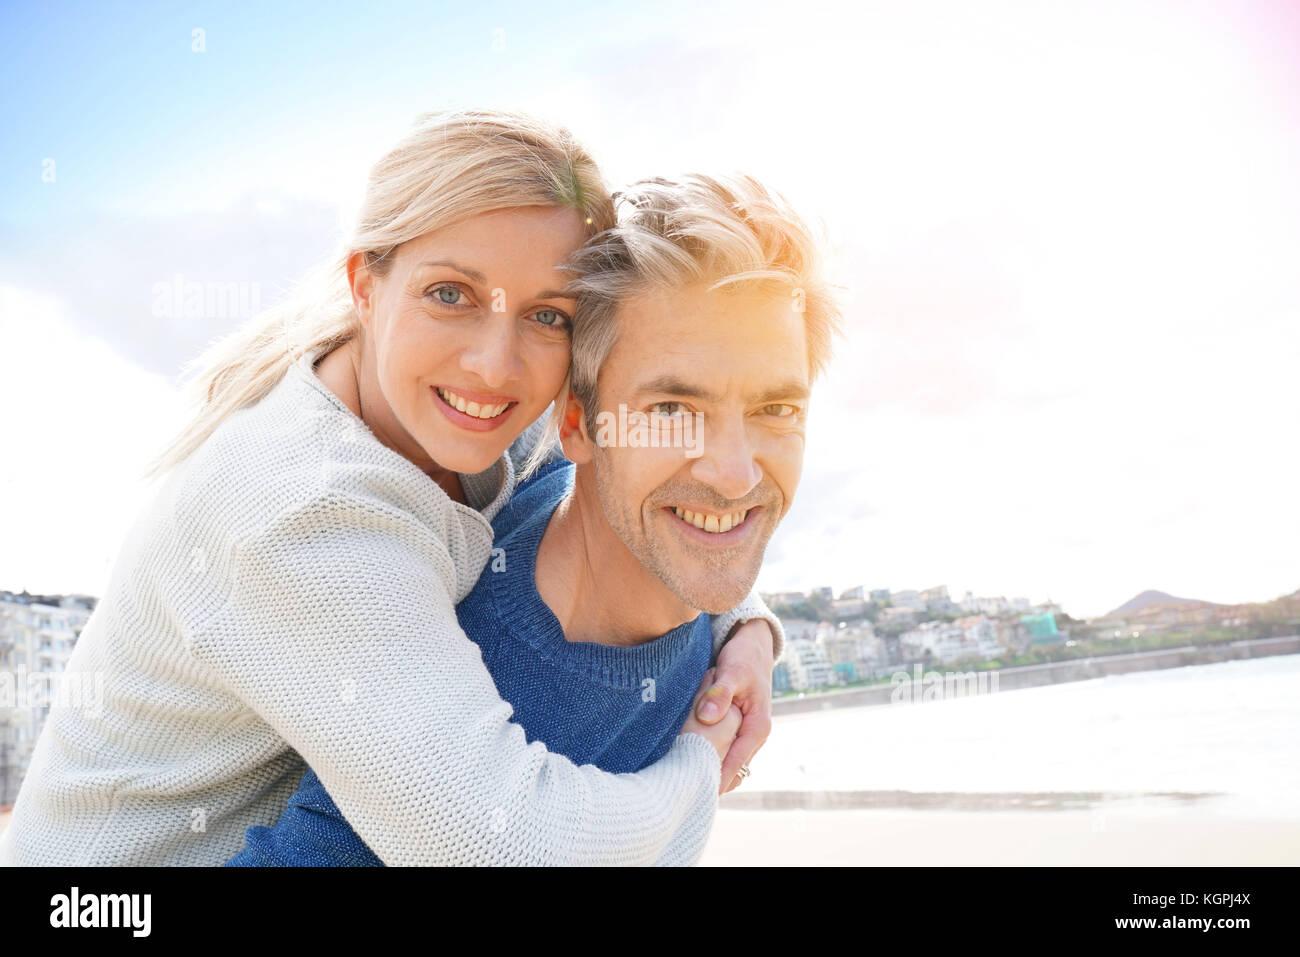 L uomo dando piggyback ride per donna in spiaggia Immagini Stock